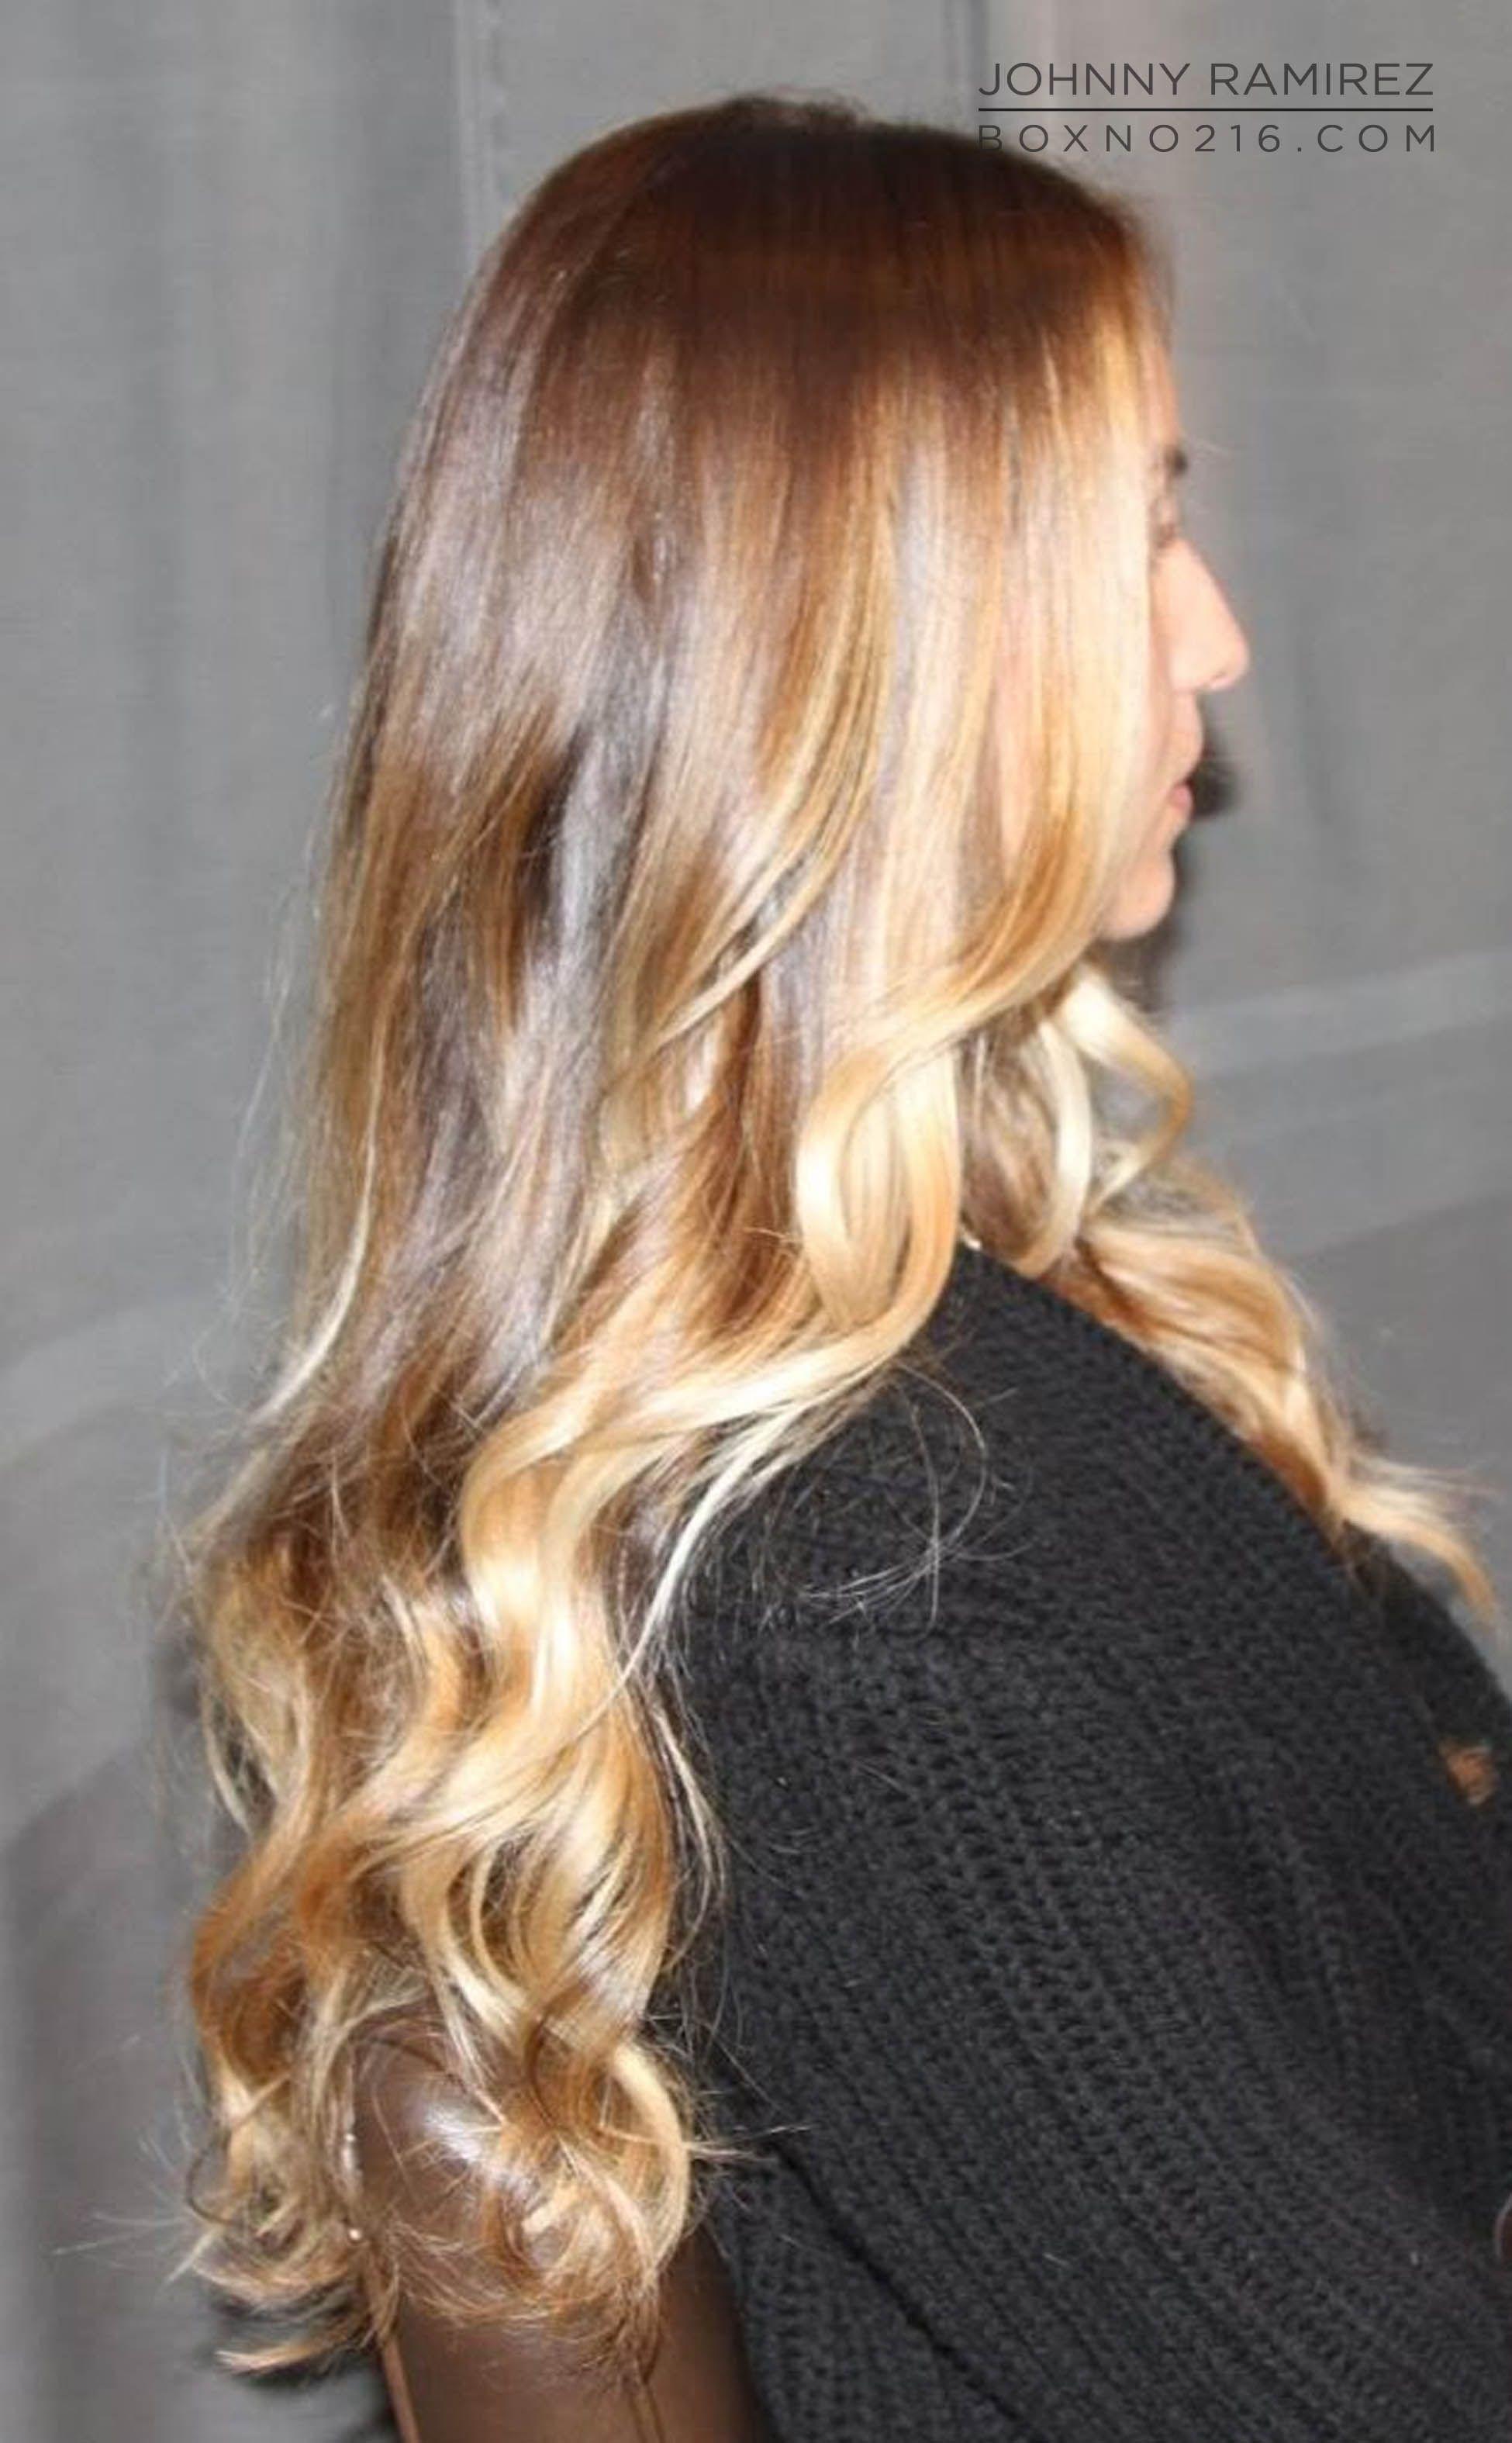 Hair Color By Johnny Ramirez 310 724 8167 Info Ramireztran Com Johnnyramirezhaircolor Johnnyramire Long Blonde Hair Long Hair Styles Ombre Hair Color